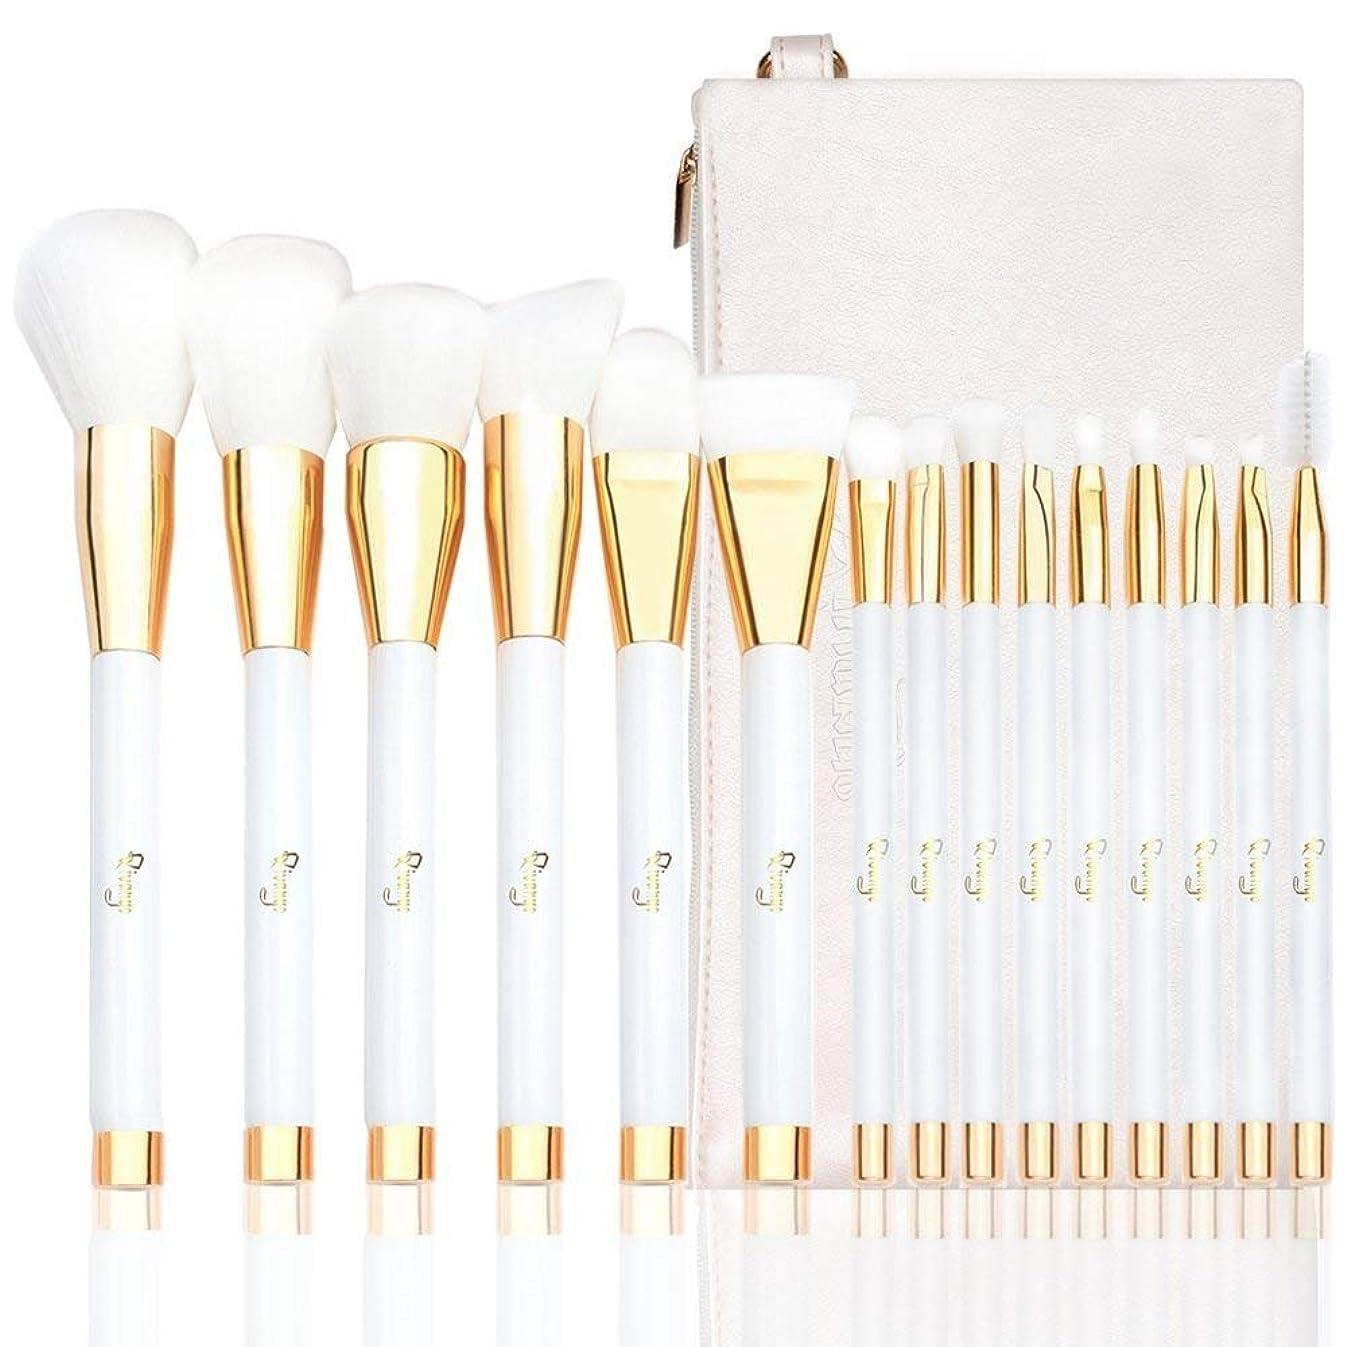 測定可能抑止する里親Qivange メイクブラシセット化粧筆 高級繊維 肌触りふわふわ レザー風化粧ポーチ付き 収納便利 最適なプレゼント(15本、ホワイト)